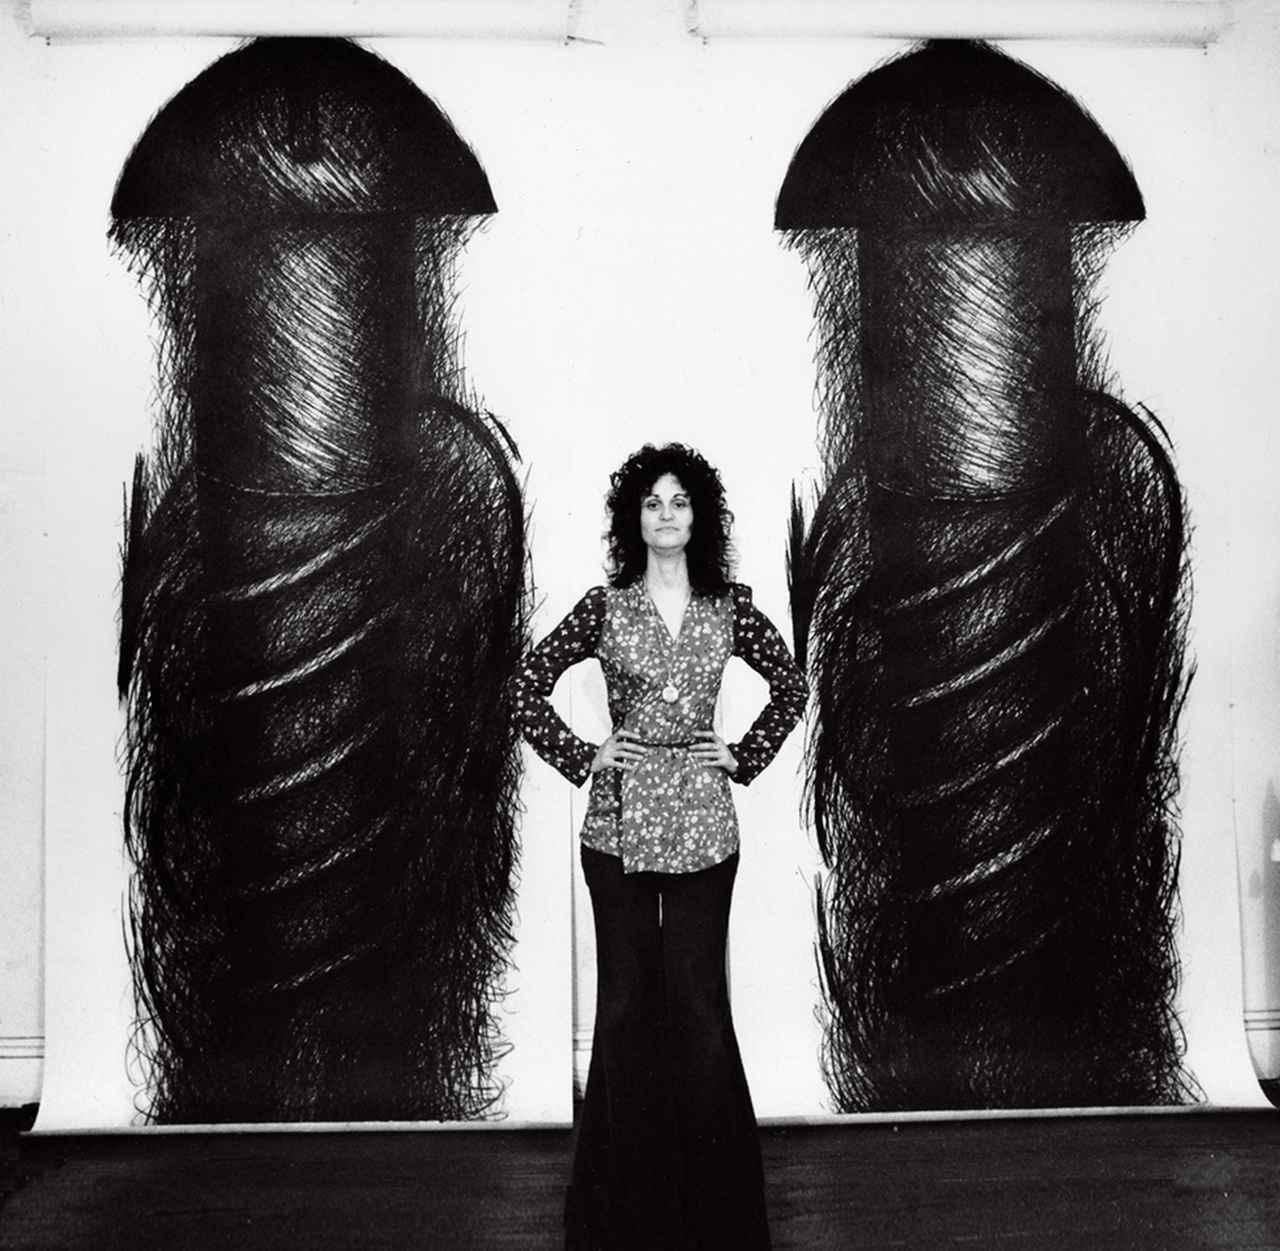 Images : 2番目の画像 - 「フェミニズムのパイオニア。 挑発的な性的表現に挑んだ 女性アーティストたち」のアルバム - T JAPAN:The New York Times Style Magazine 公式サイト